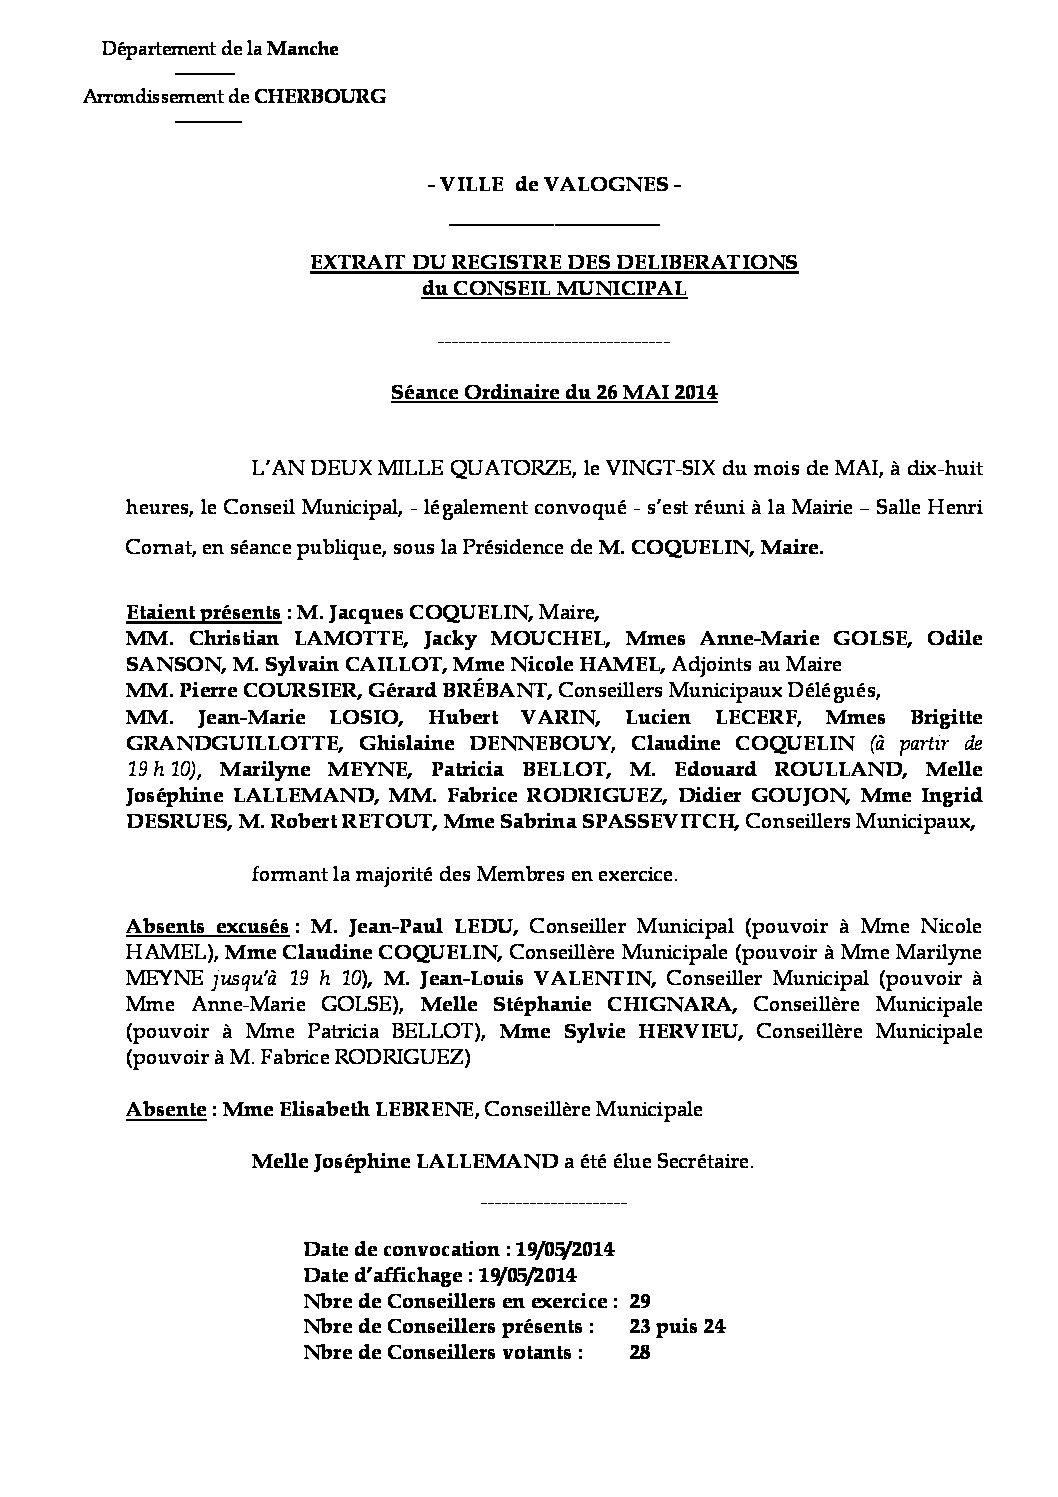 Extrait du registre des délibérations du 26-05-2014 - Compte rendu des questions soumises à délibération lors de la séance ordinaire du Conseil Municipal du 26 mai 2014.